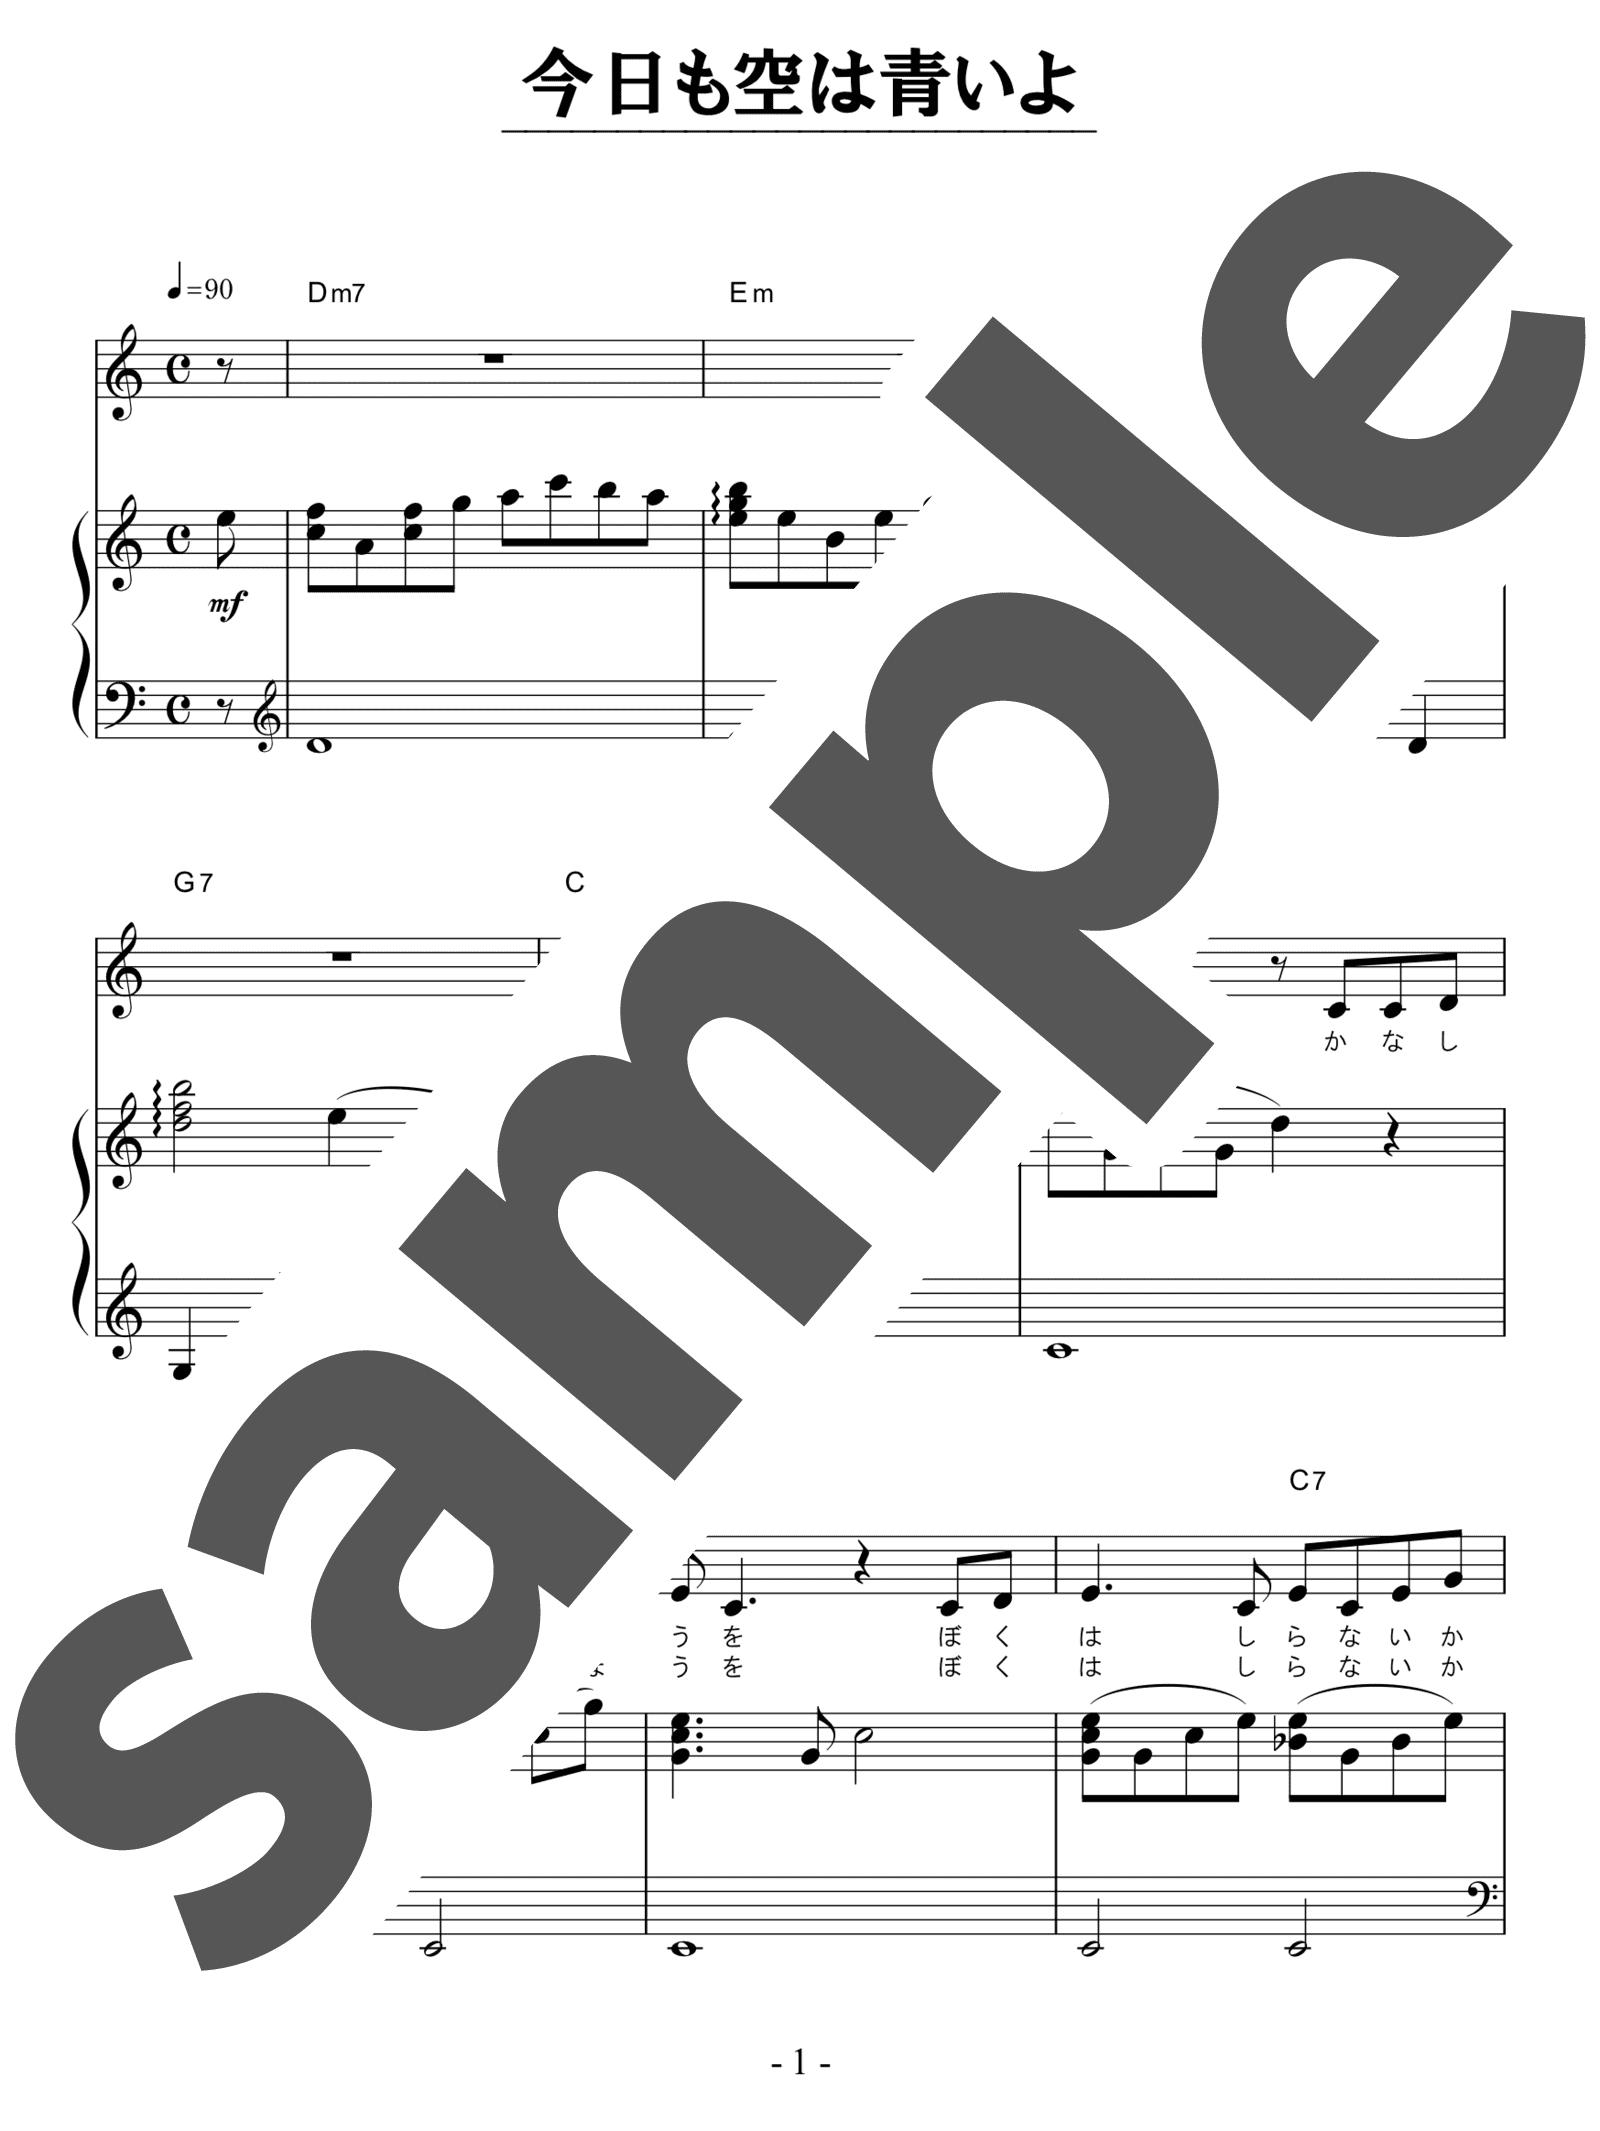 「今日も空は青いよ」のサンプル楽譜